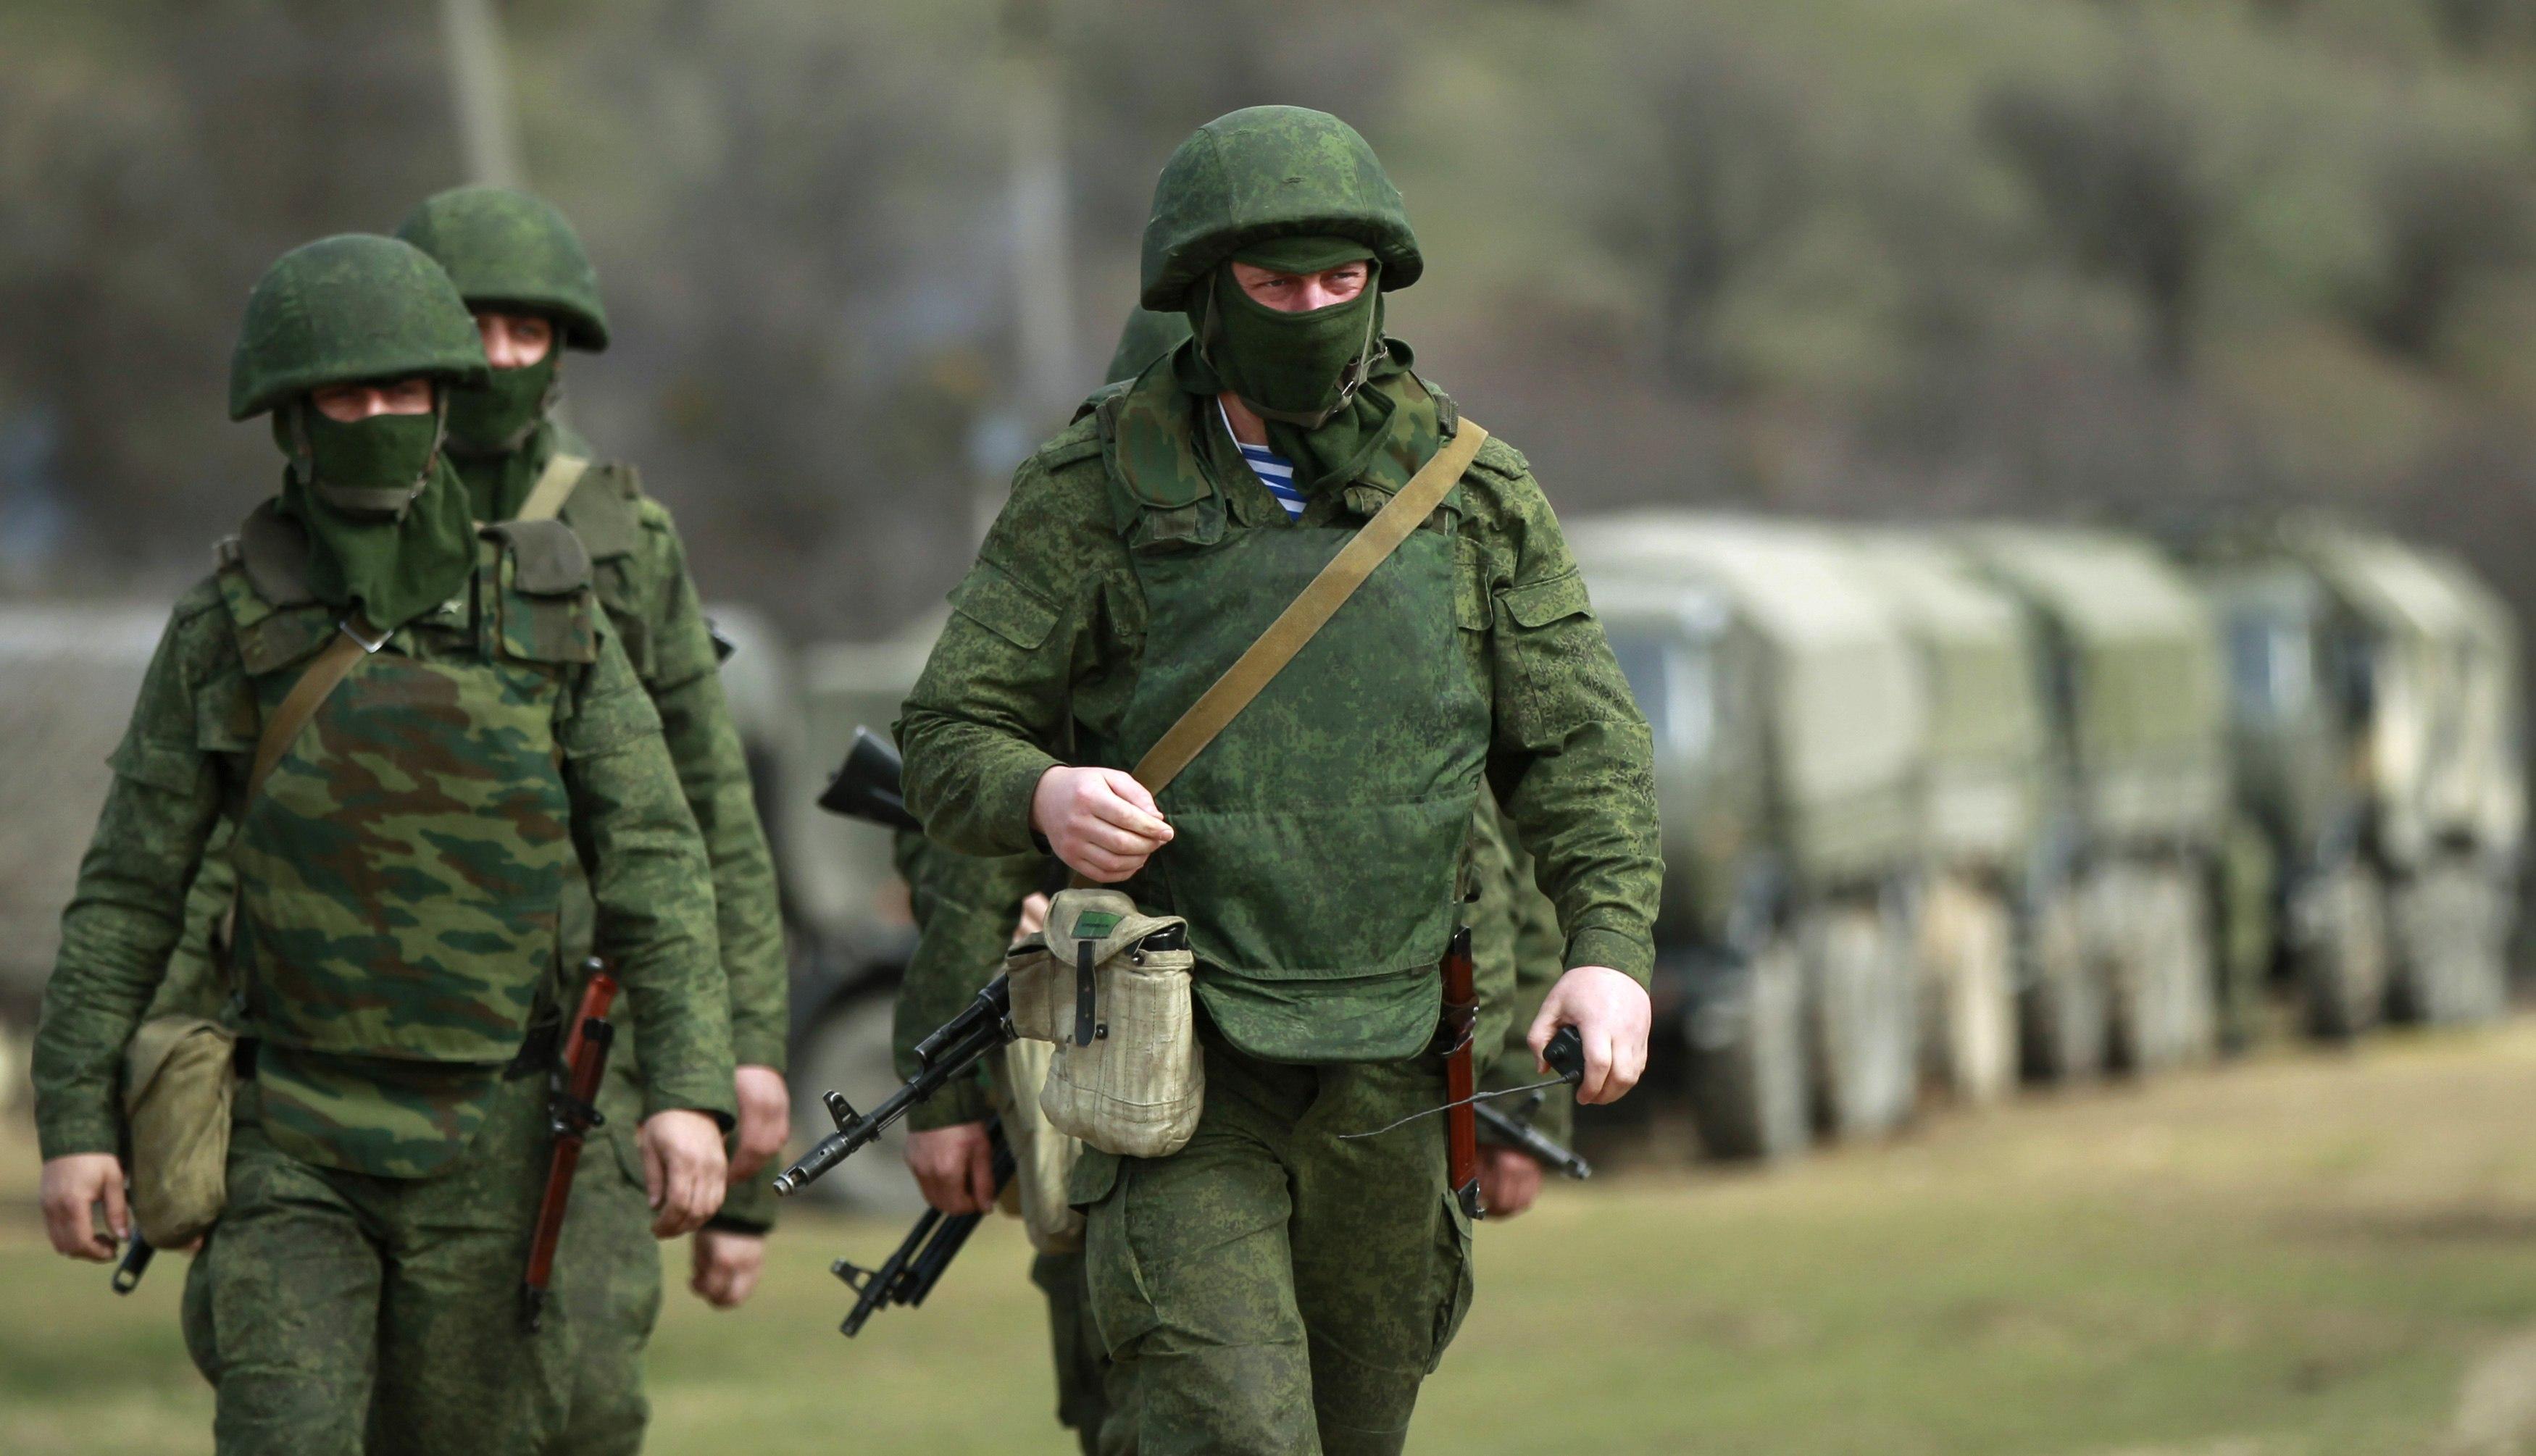 СМИ: в Джанкое гремят взрывы и раздается стрельба. По всему северному Крыму заблокирован Интернет